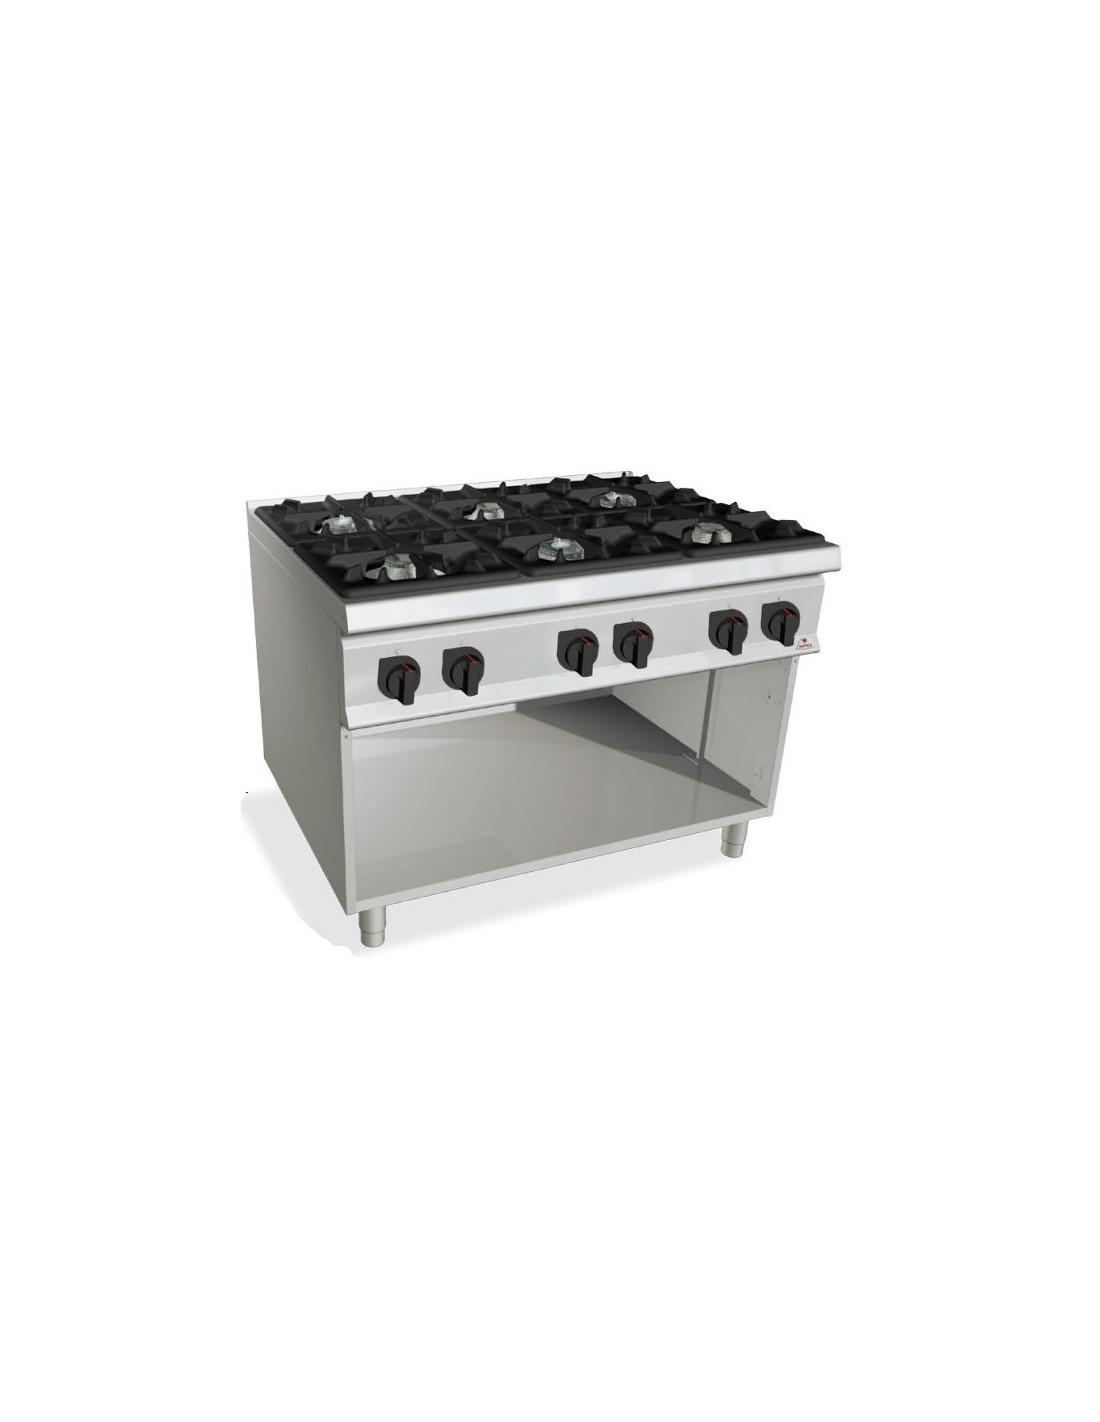 Hermoso cocinas de gas industriales galer a de im genes for Planchas de cocina industriales de segunda mano